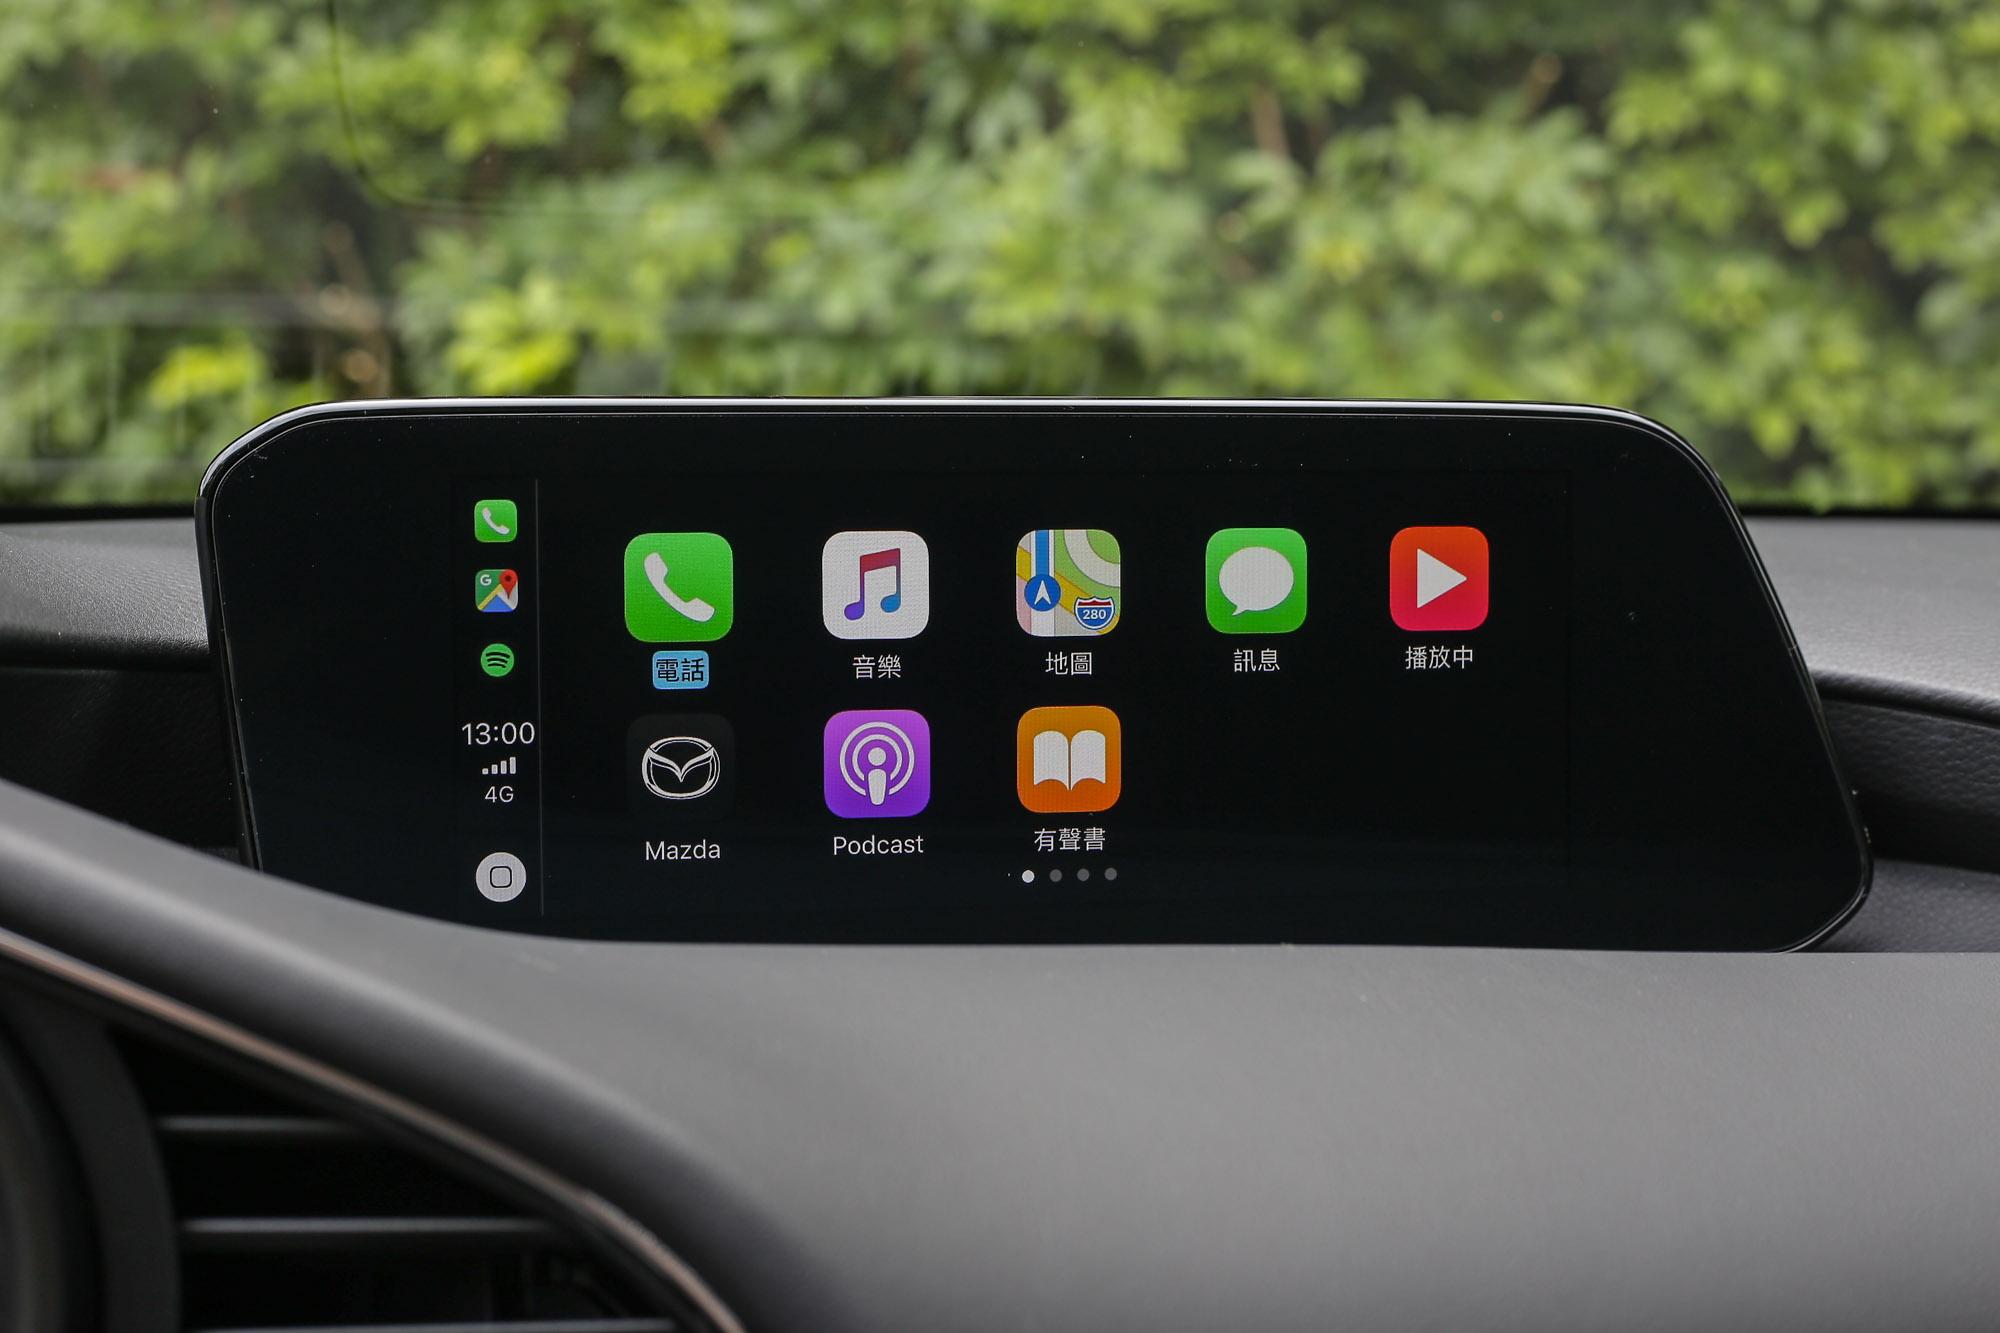 Apple CarPlay 與 Android Auto 系統等智慧手機連結系統是全車系標配。